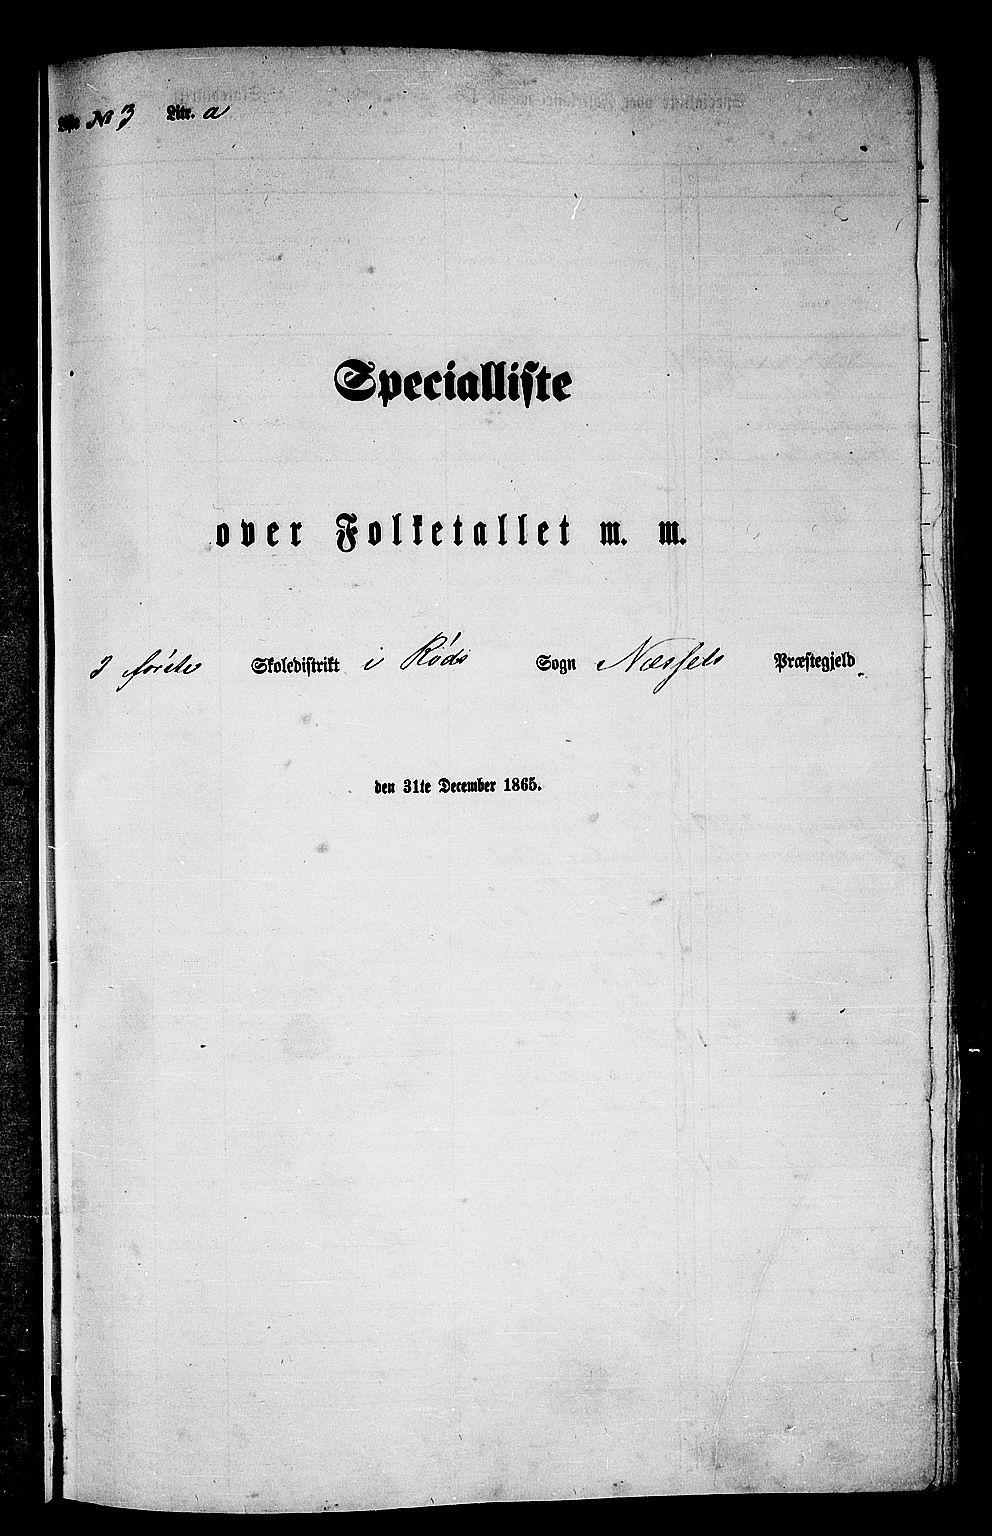 RA, Folketelling 1865 for 1543P Nesset prestegjeld, 1865, s. 52